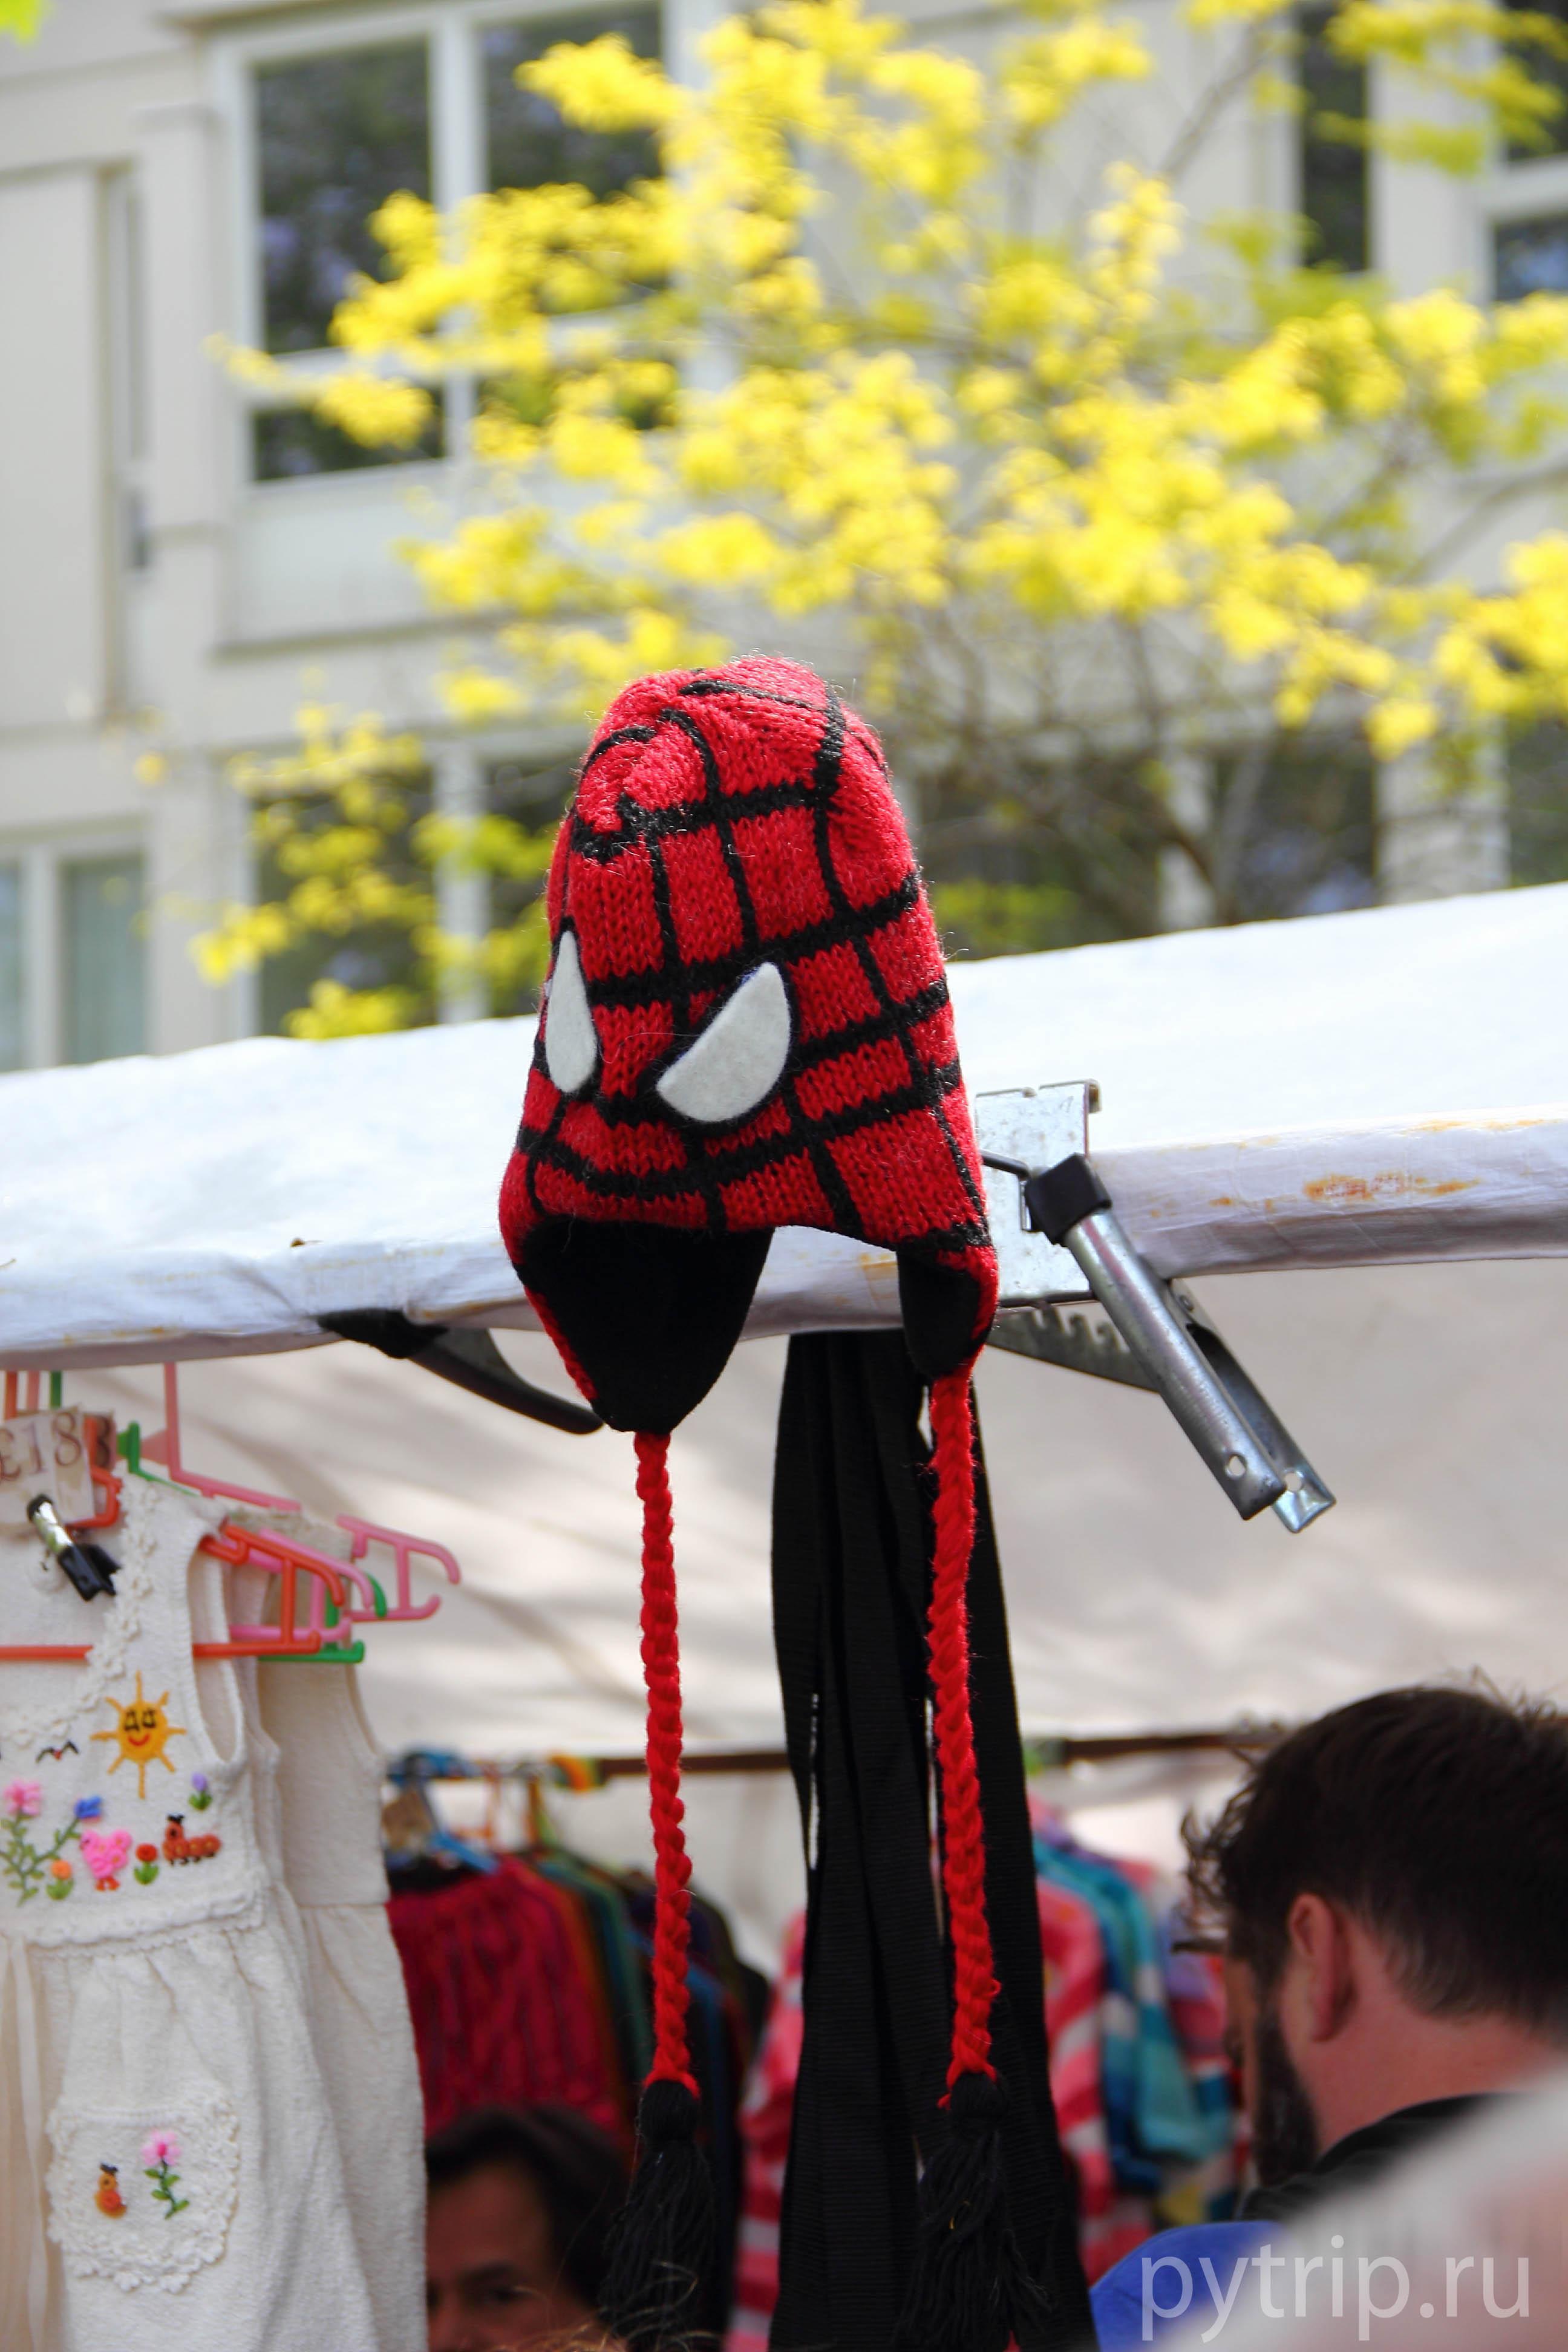 Можно купить шапочку человека-паука.